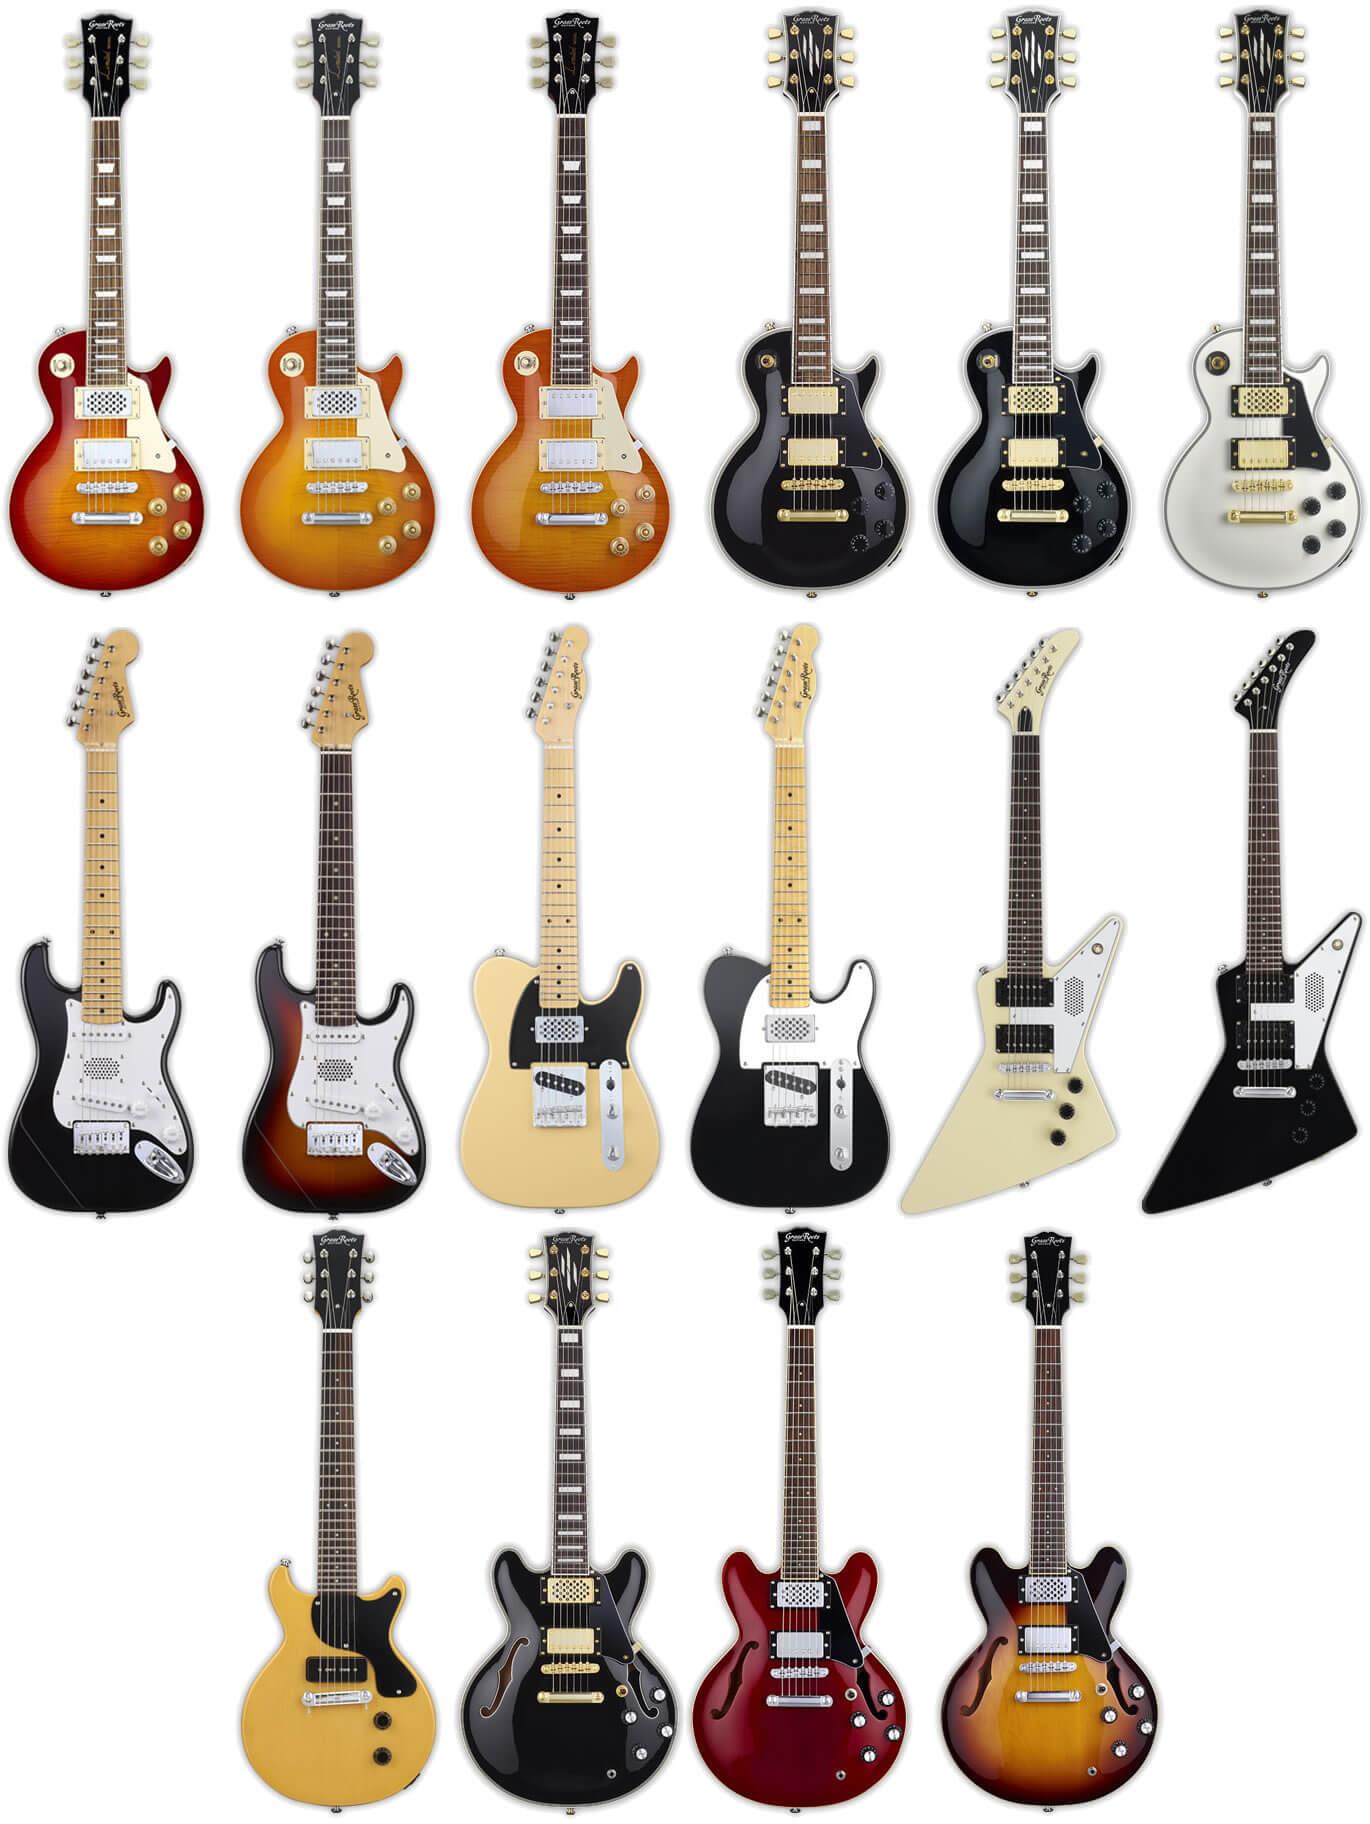 グラスルーツのミニギター